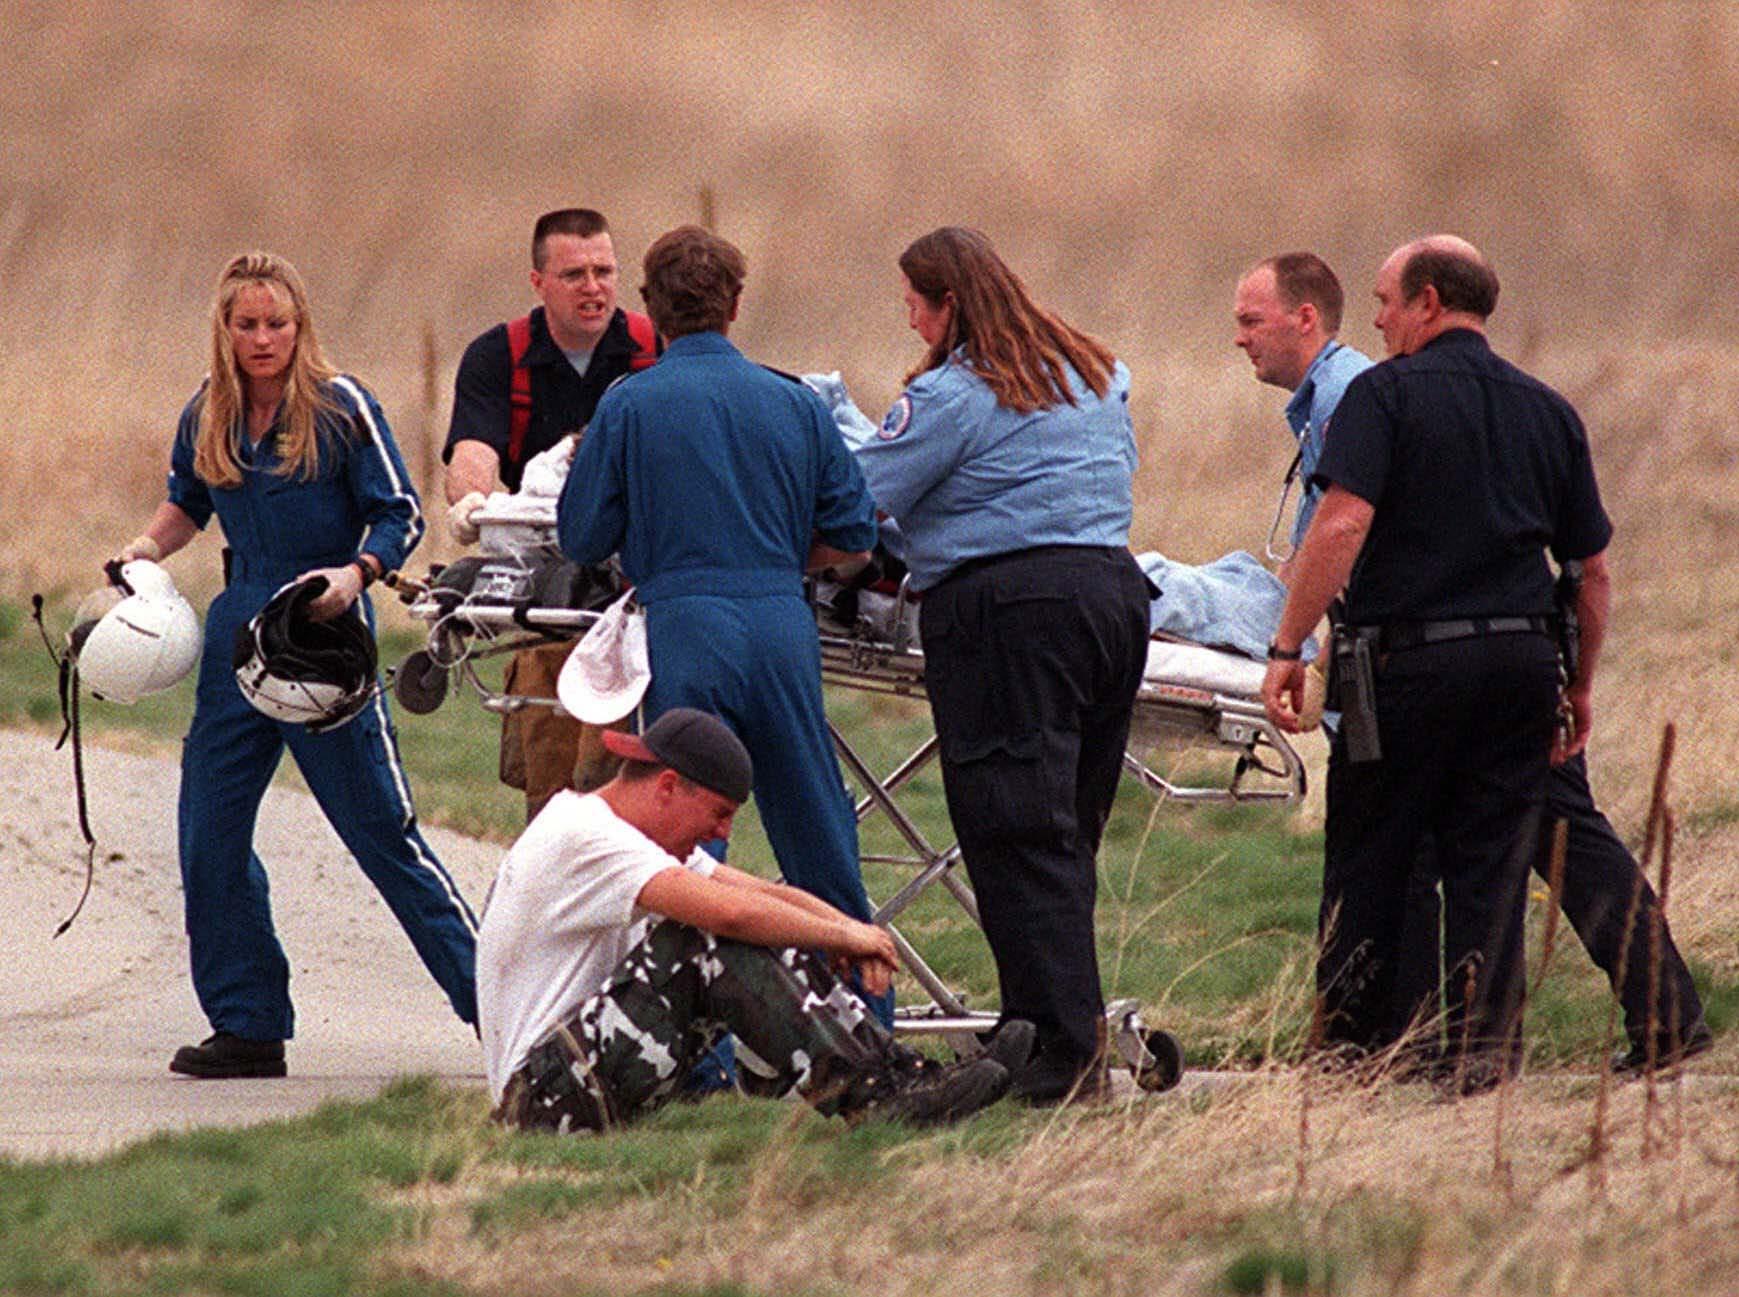 Columbine High School   Columbine, Colorado  April 20, 1999   15 dead   24 wounded